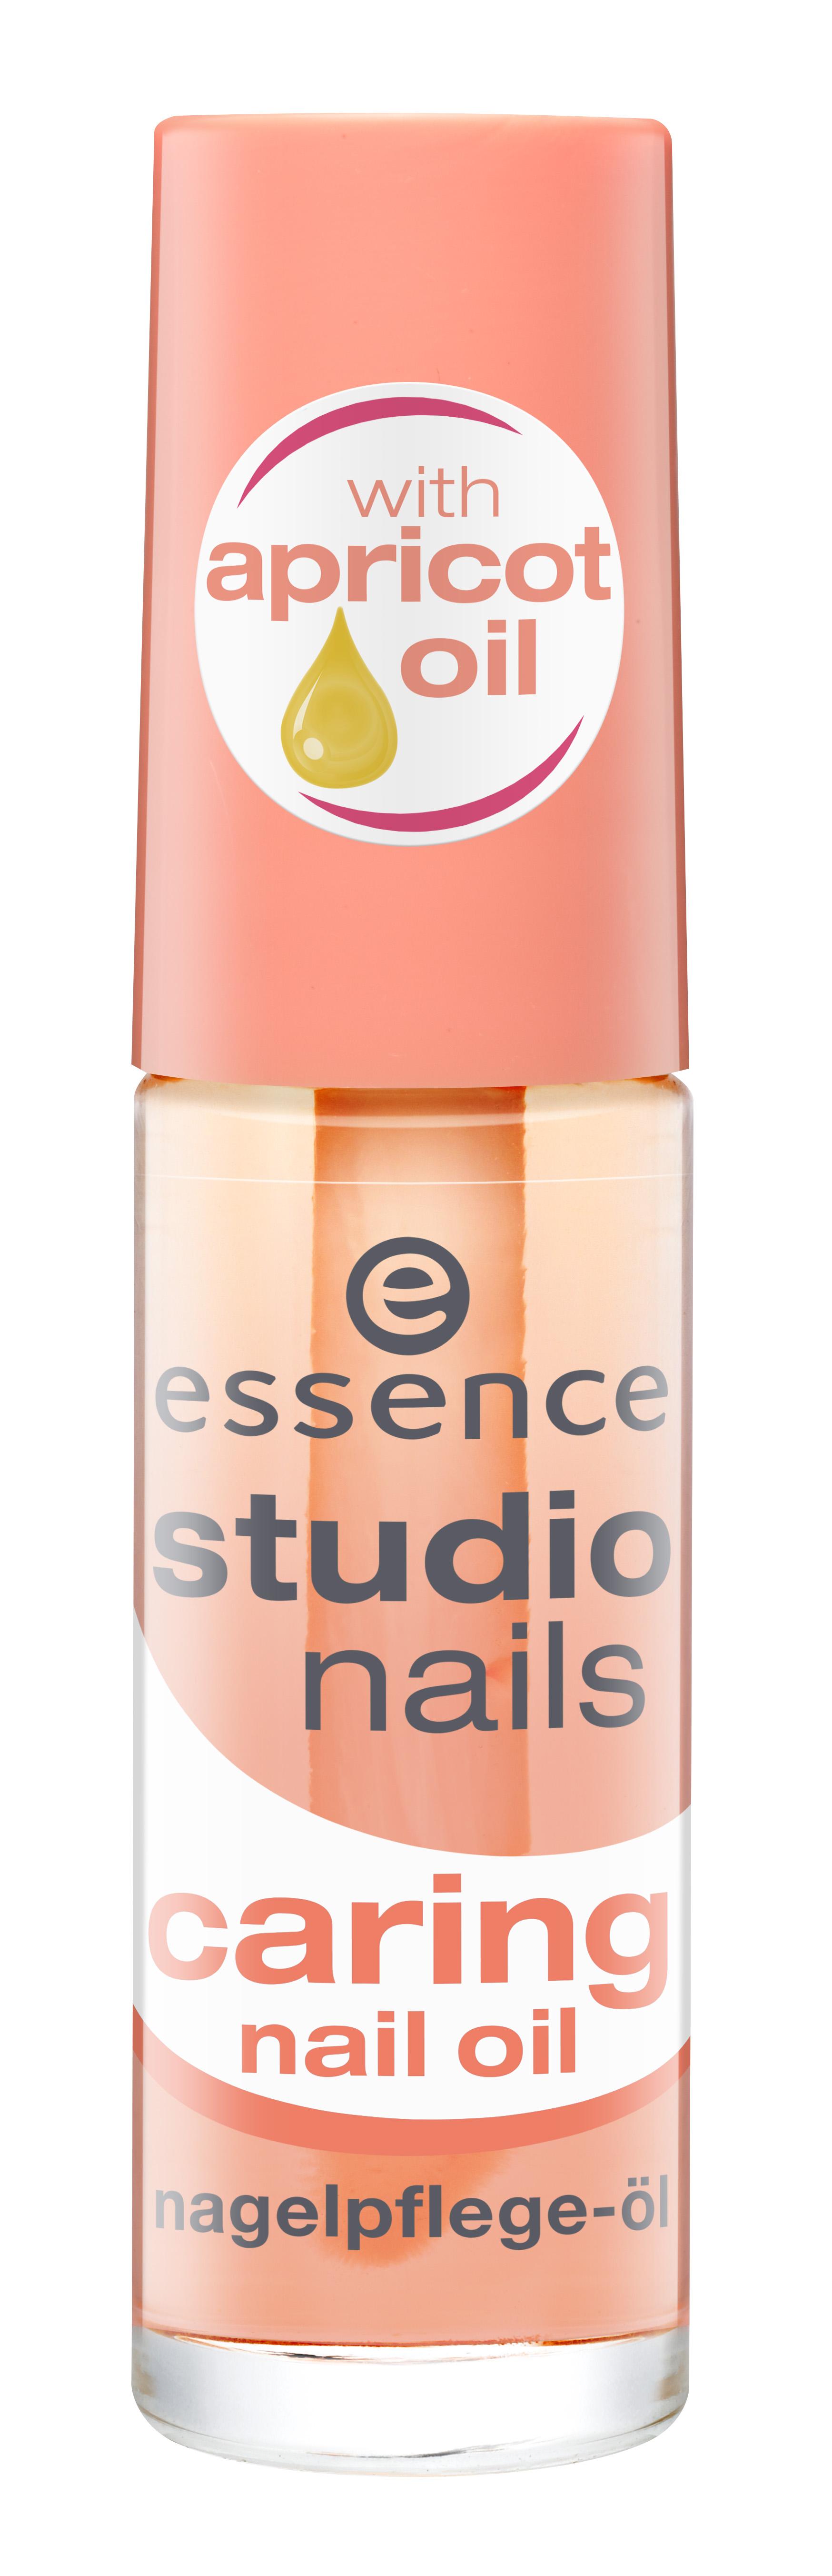 ess. studio nails caring nail oil